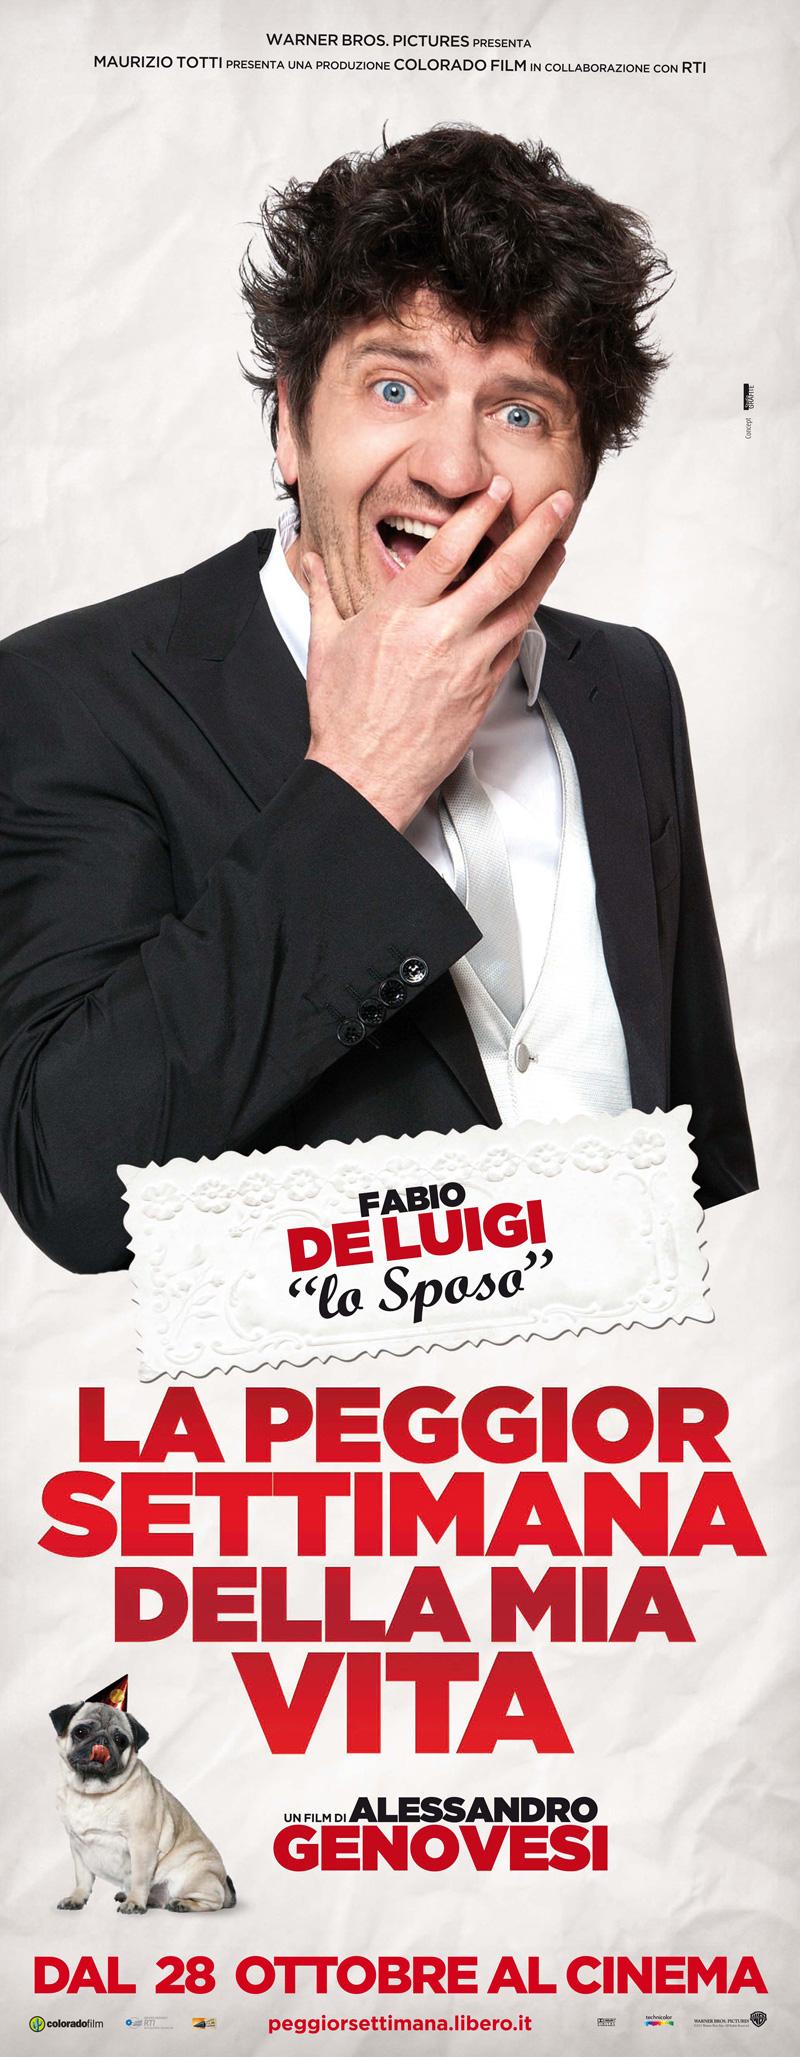 In foto Fabio De Luigi (53 anni) Dall'articolo: La peggior settimana della mia vita, il matrimonio s'ha da fare.